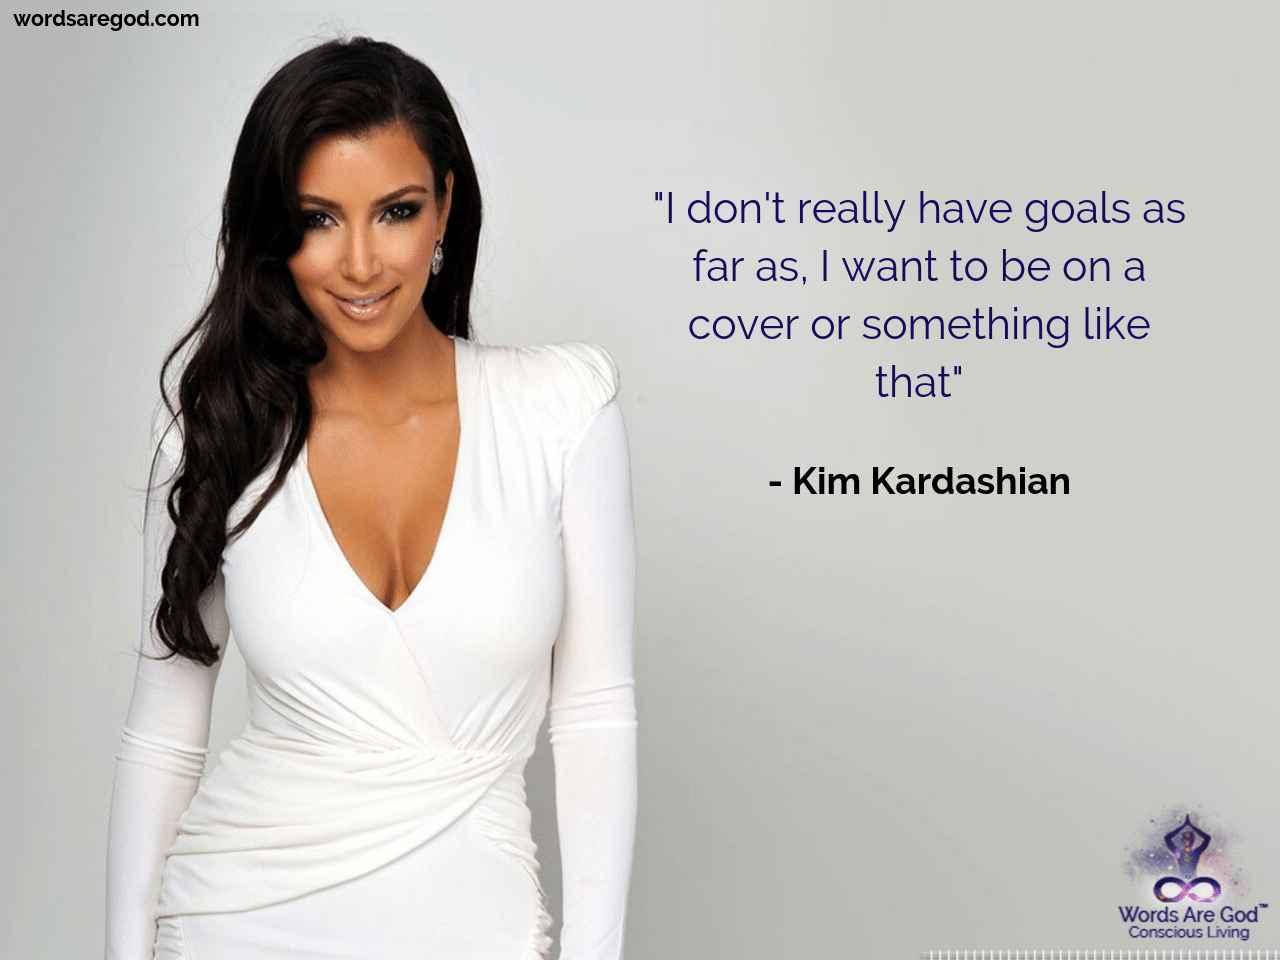 Kim Kardashian Best Quote by Kim Kardashian